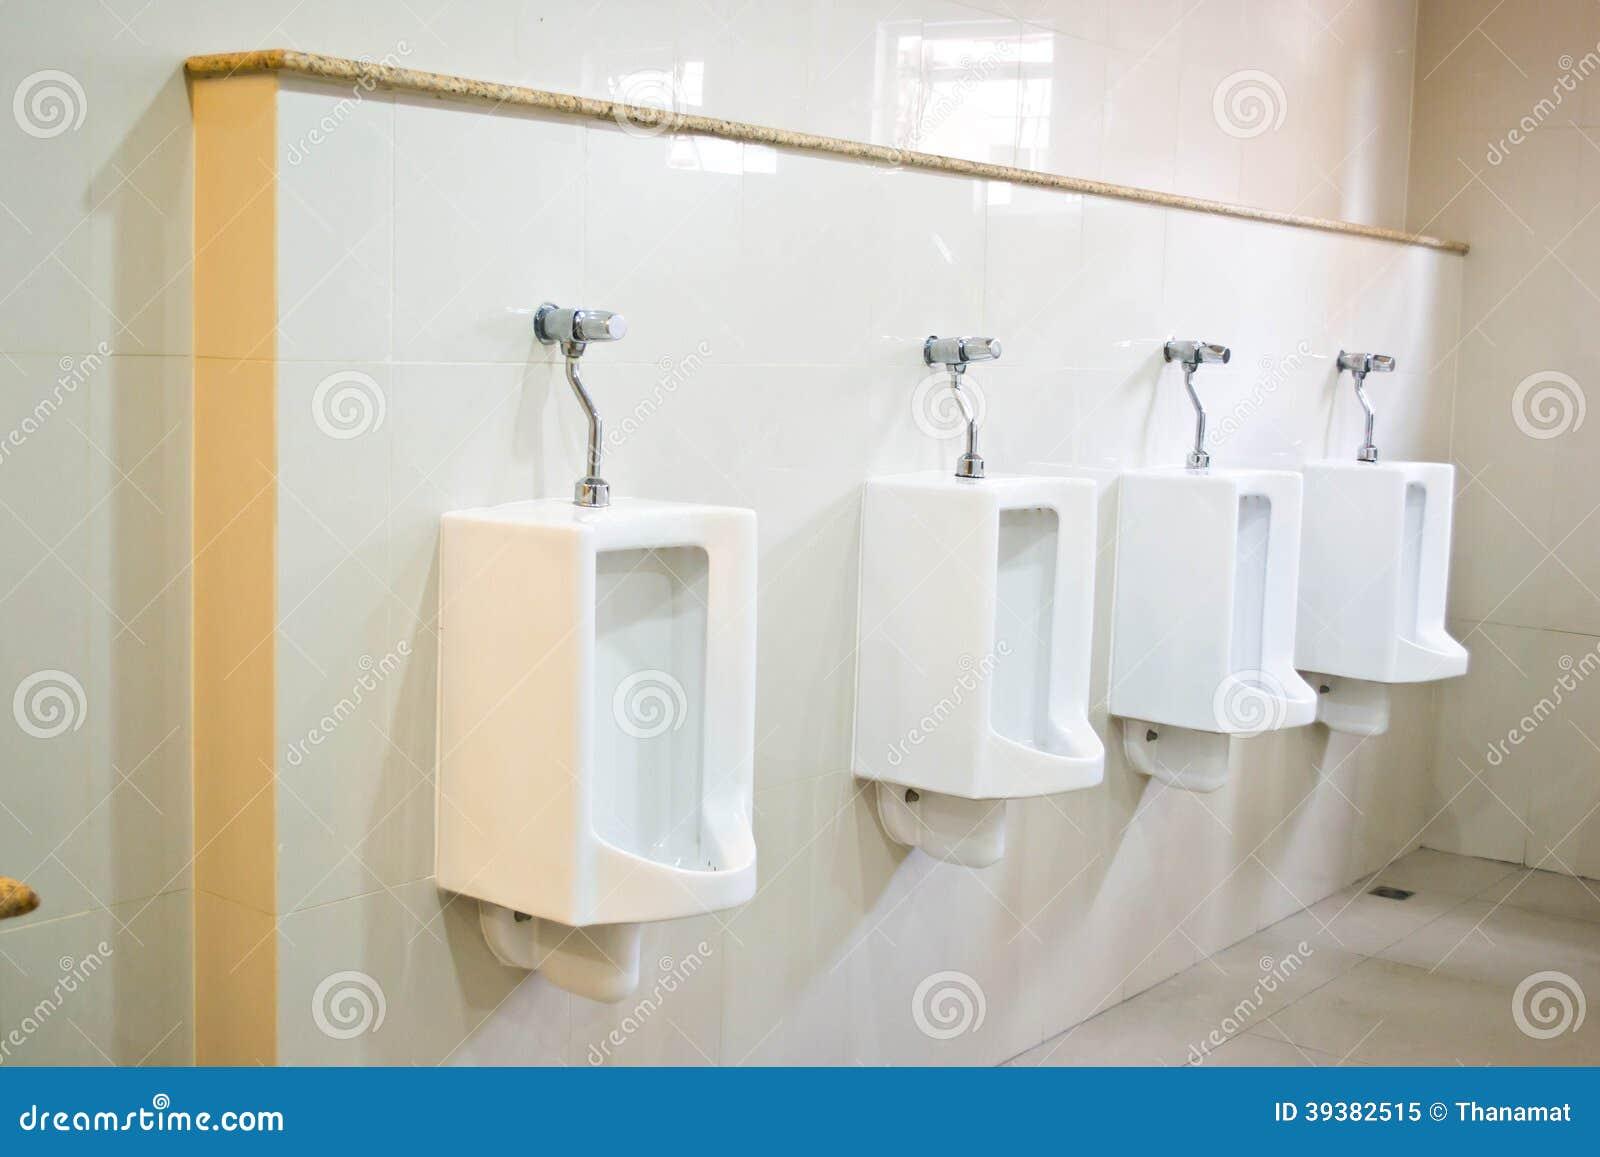 Salle De Bain Urinoir ~ urinoir dans la salle de bains l h tel image stock image du